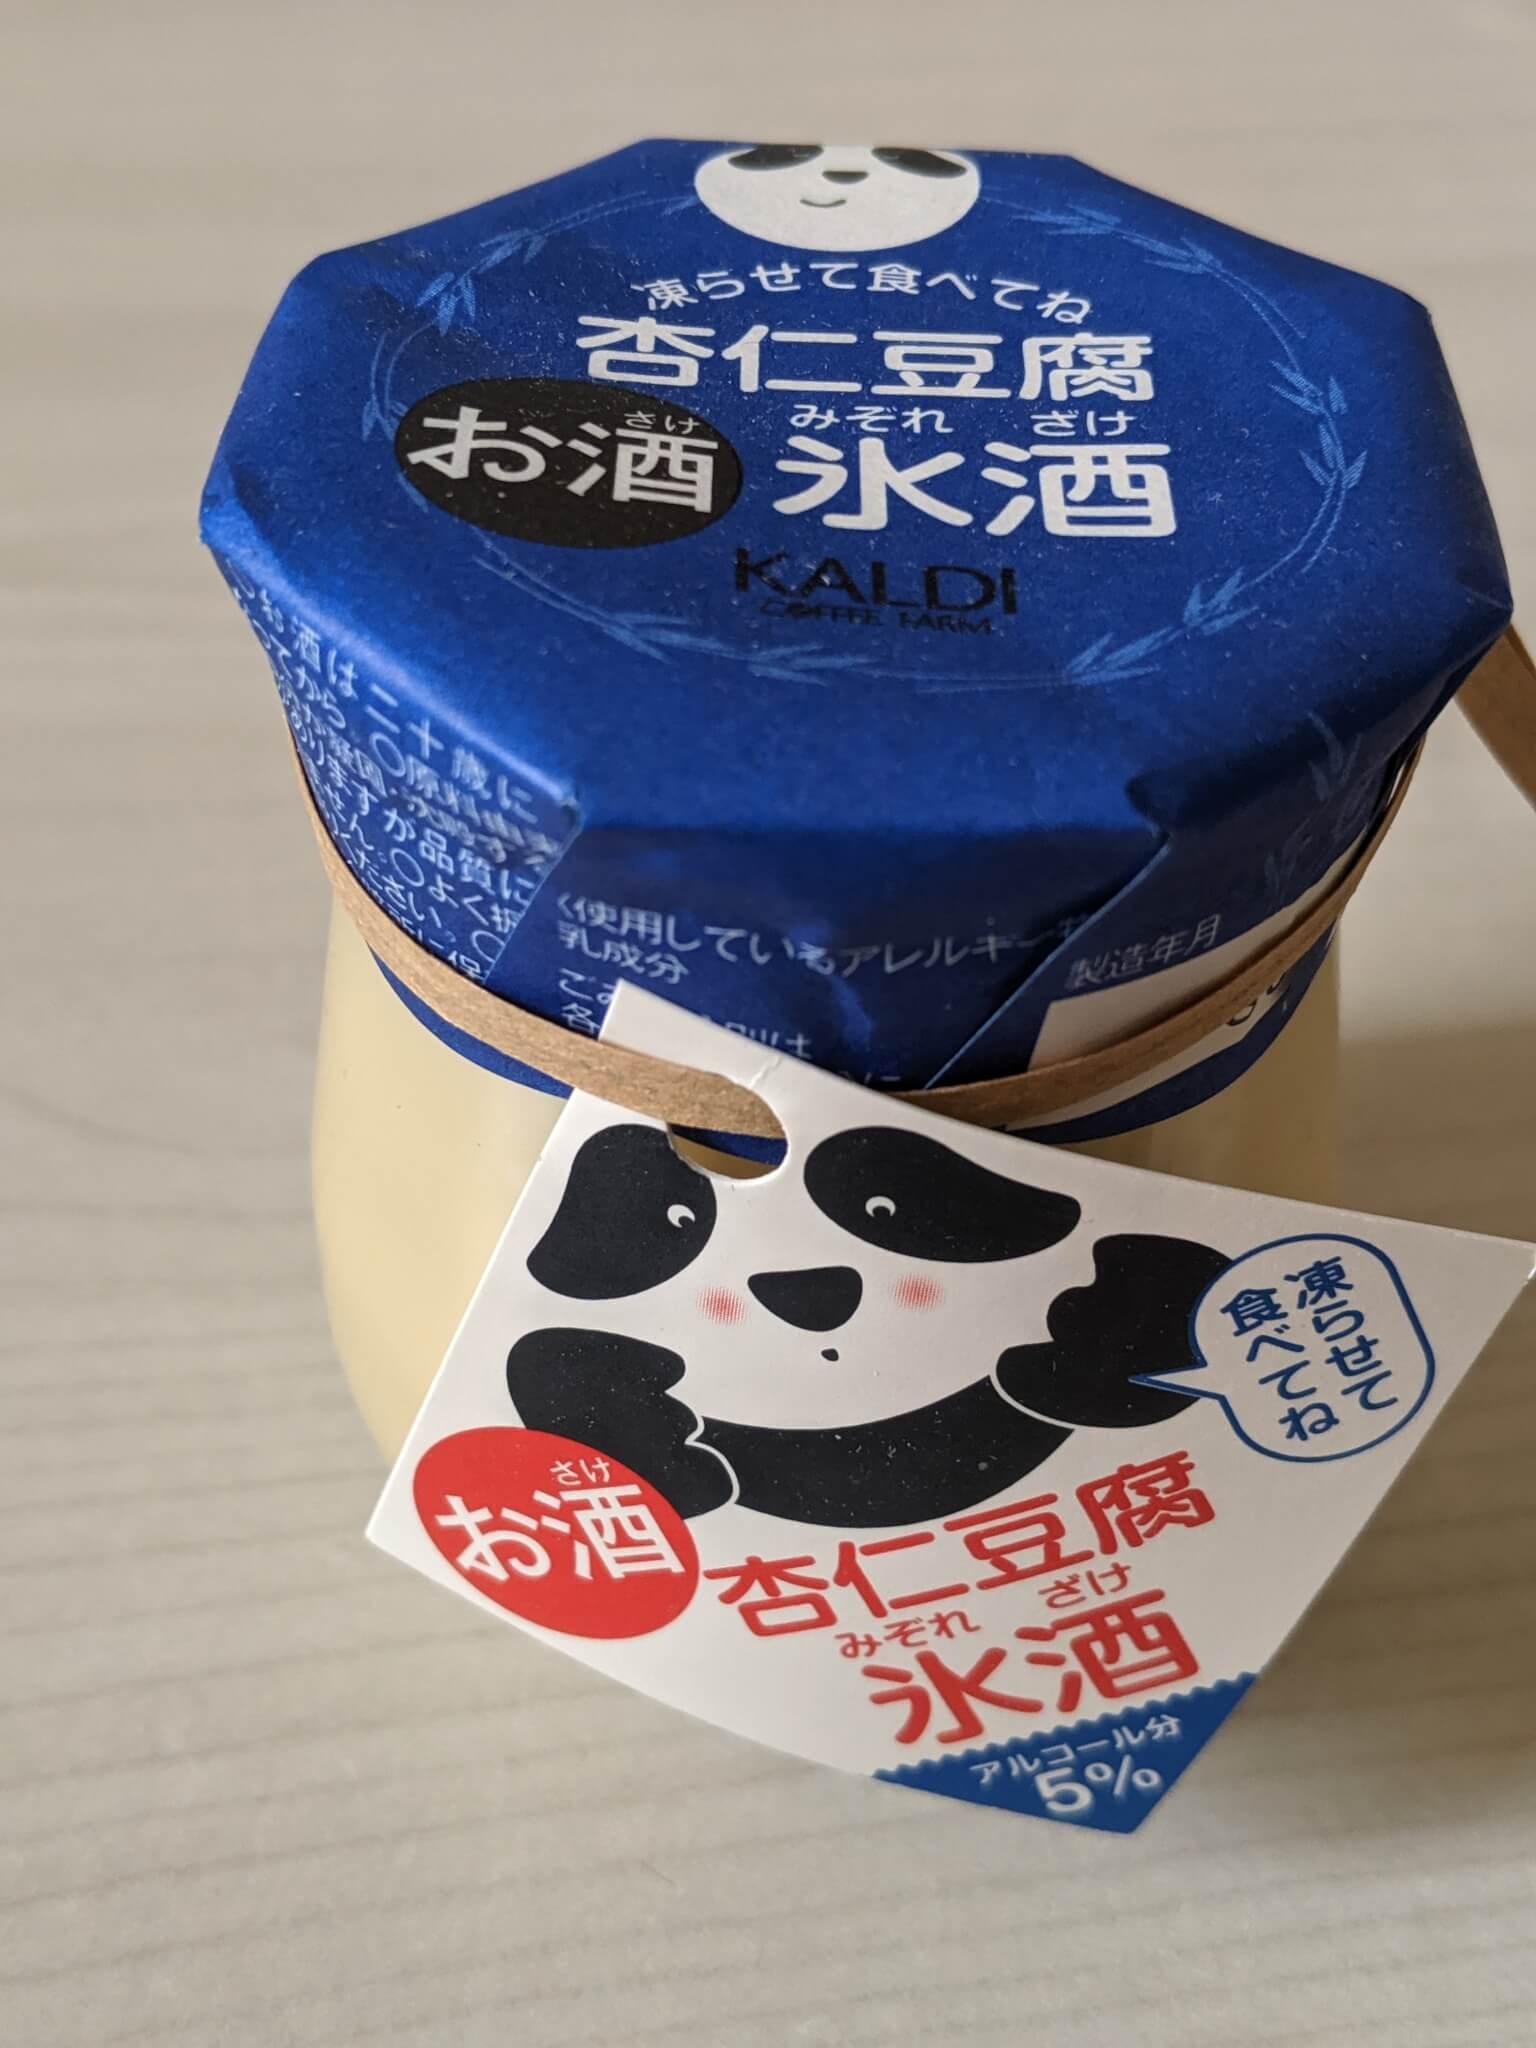 カルディの杏仁豆腐 氷酒